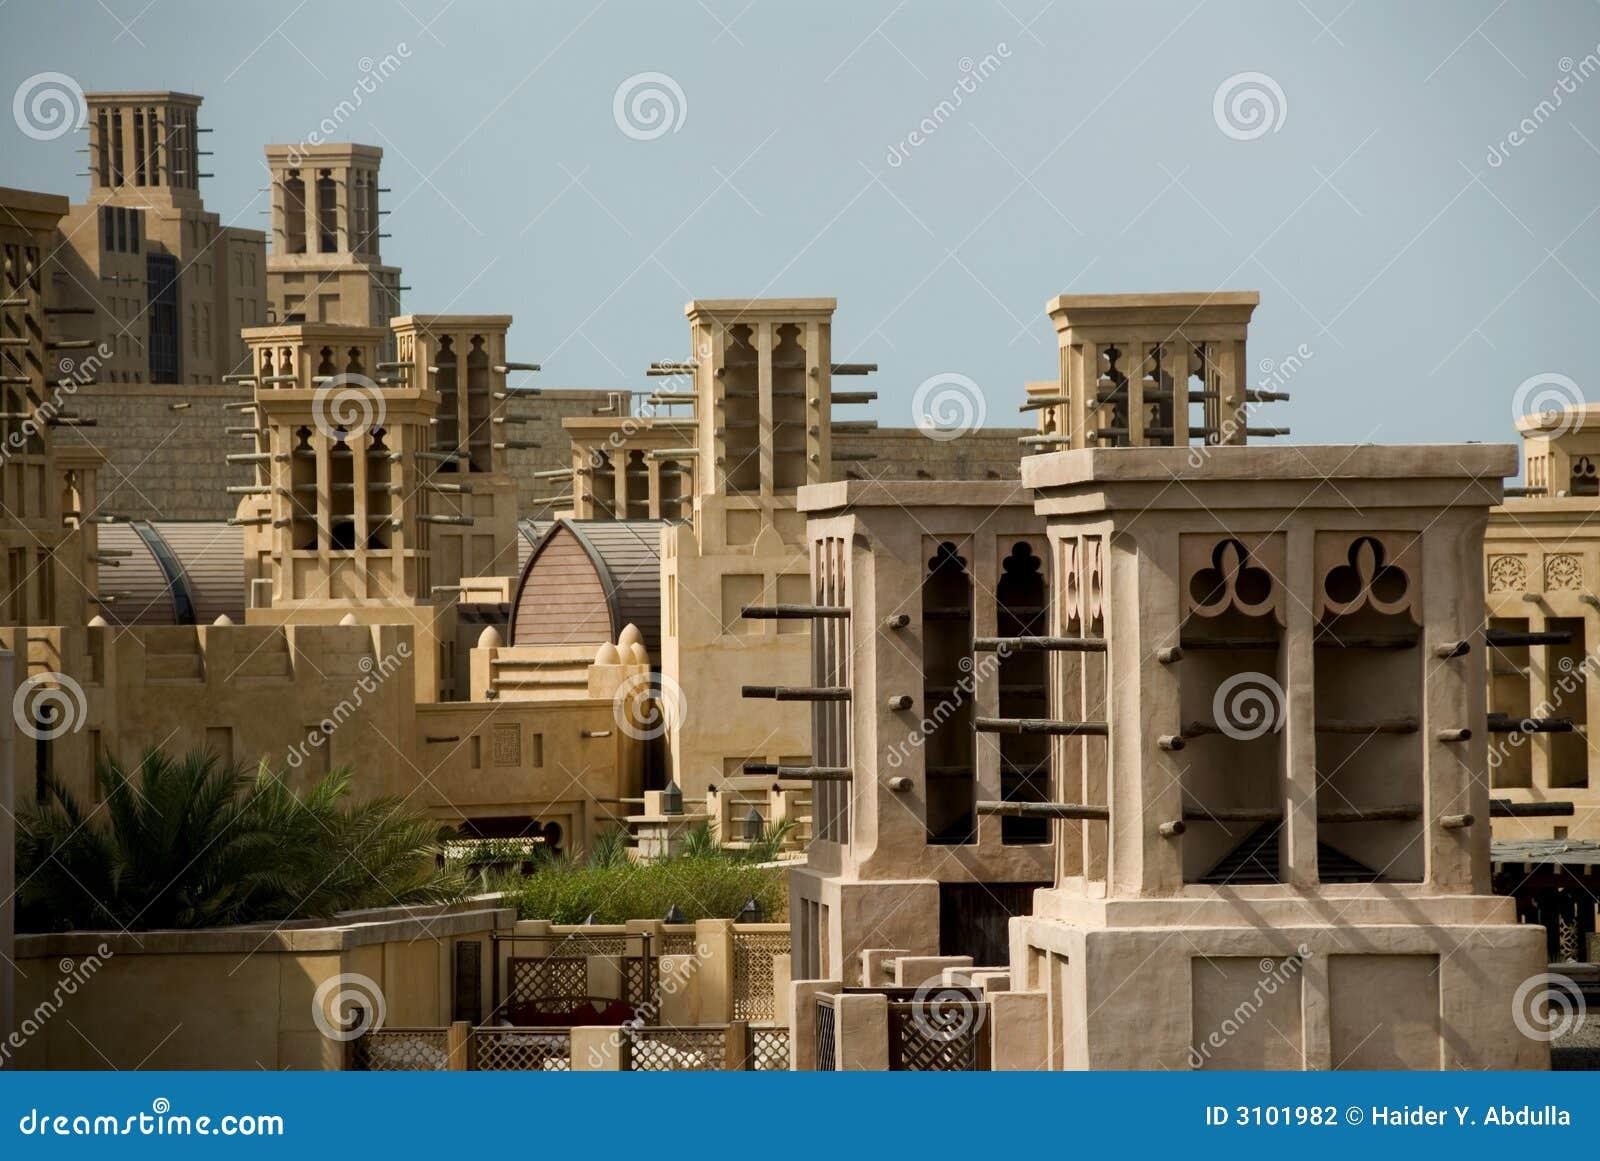 Jumeirah madinat windtowers